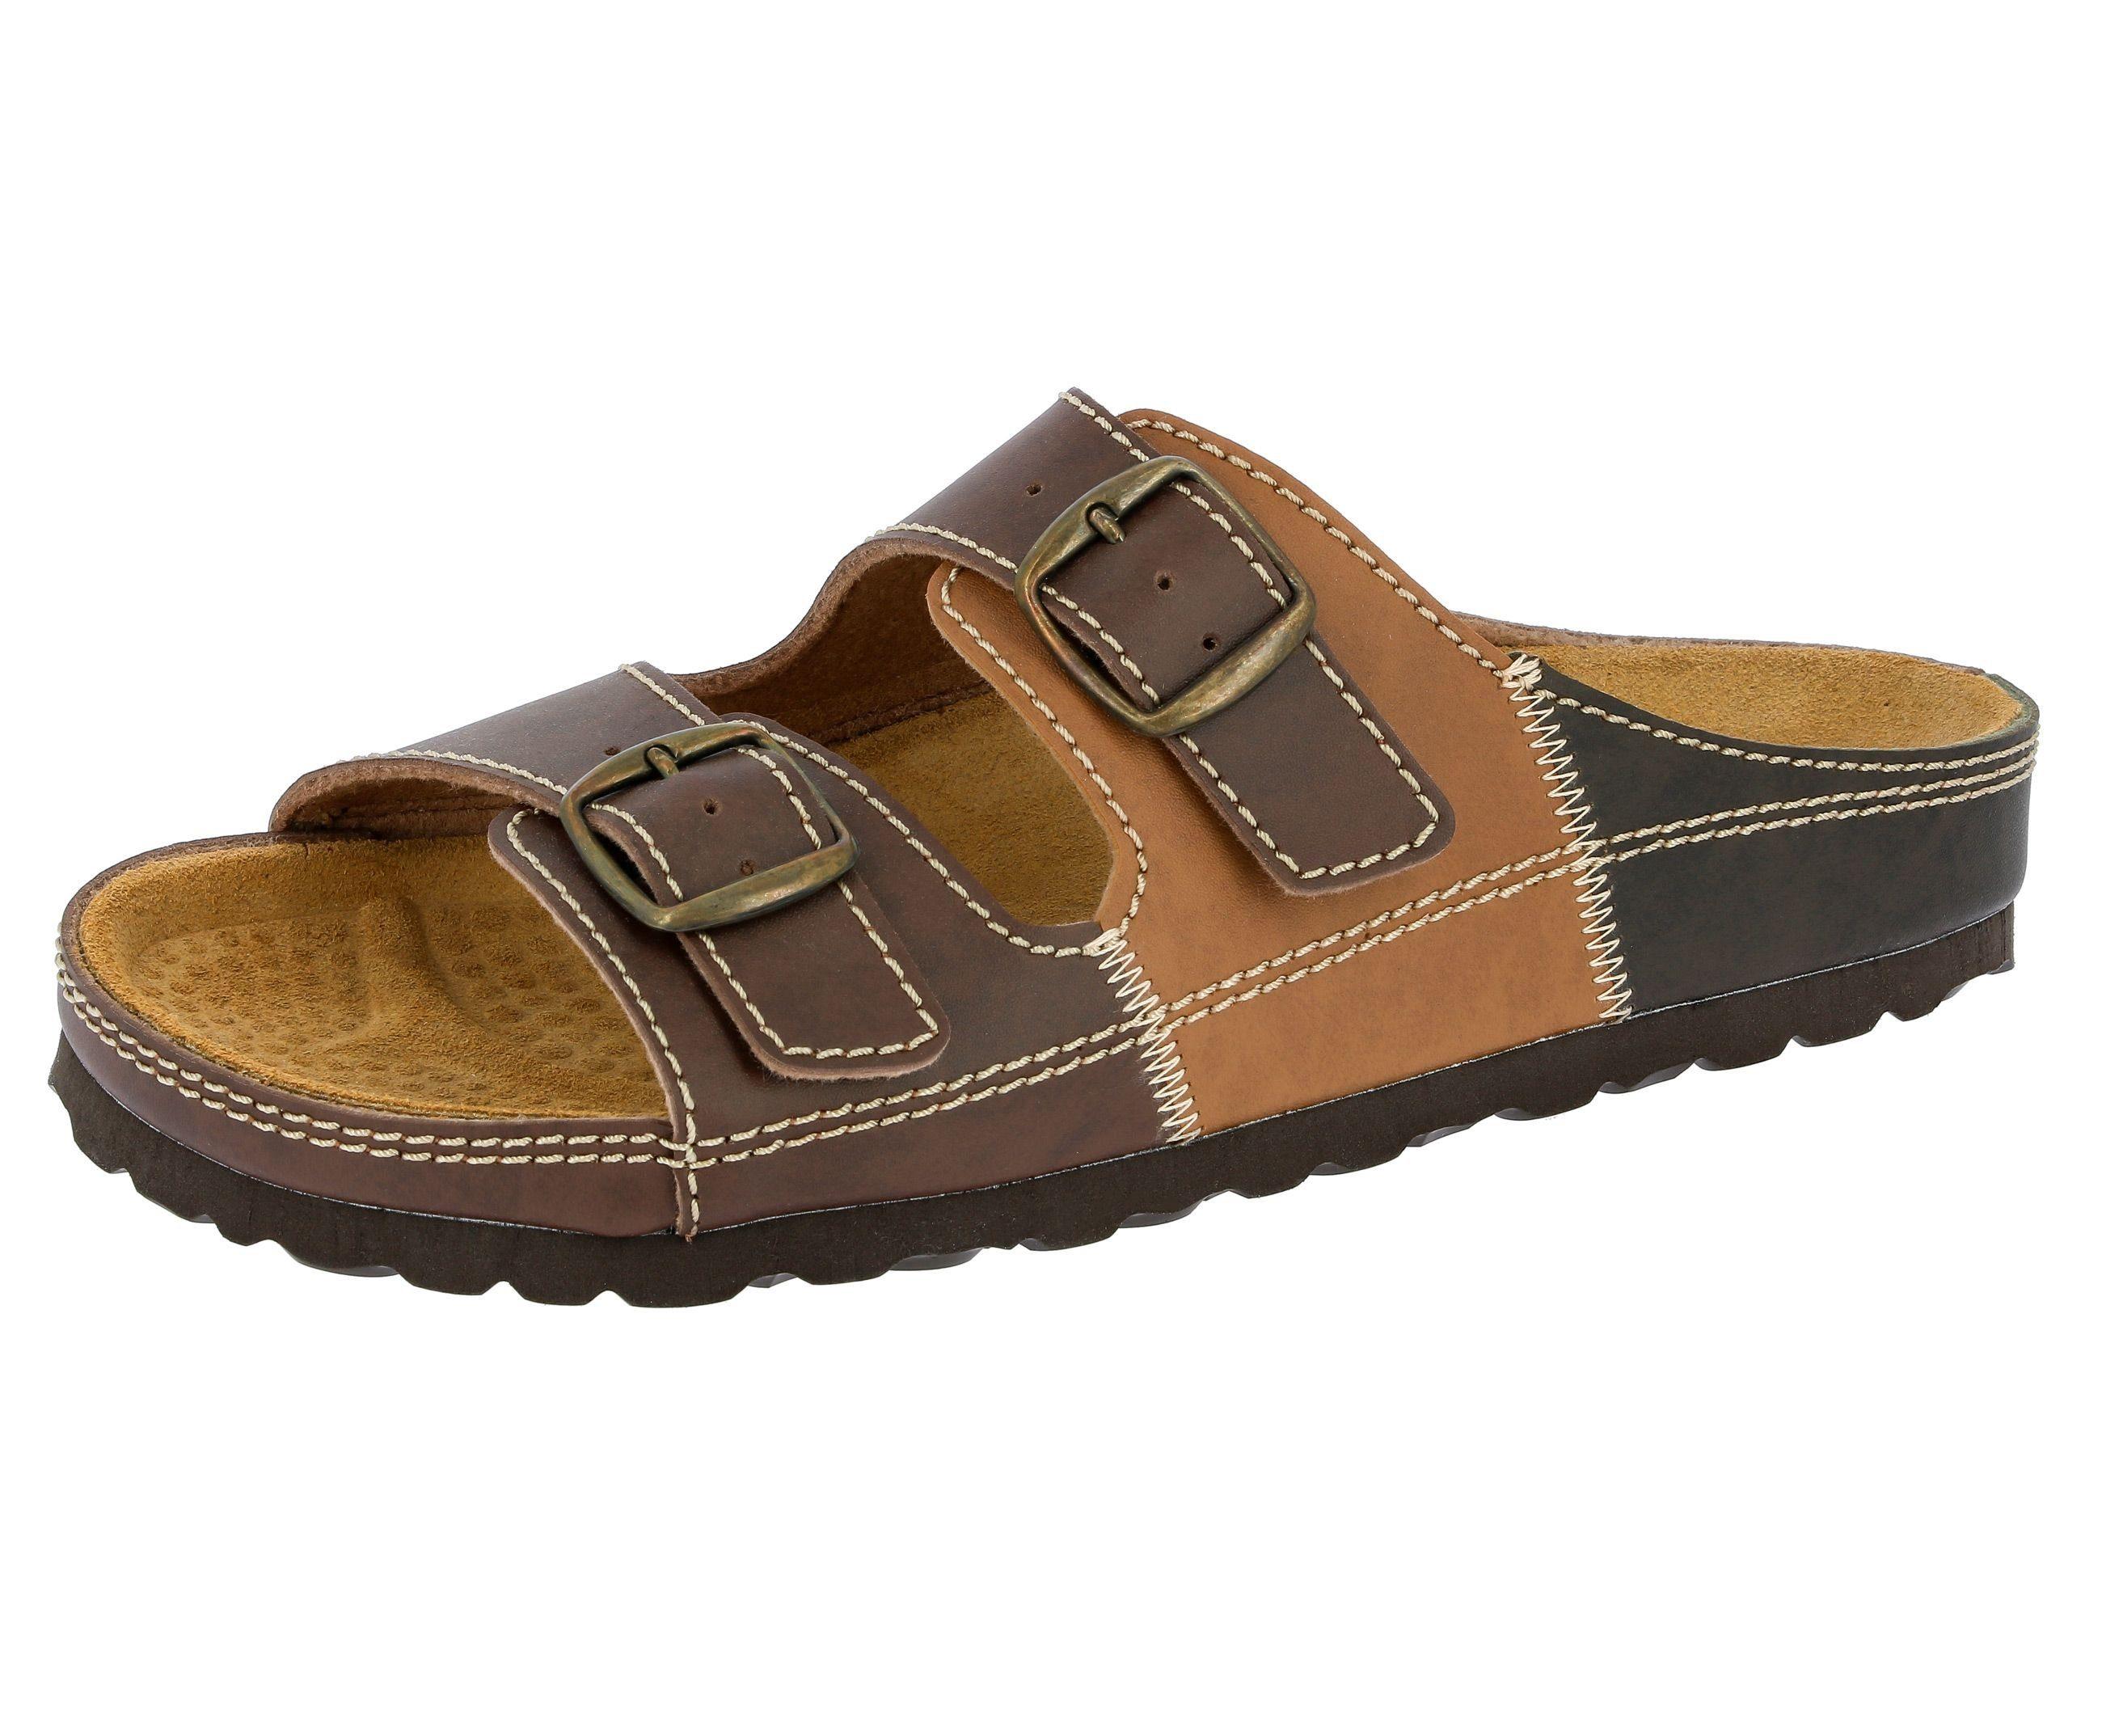 Pantolette mit Kork-Fußbett NATURAL MAN LICO braun 39,41,42,43,44,45,46